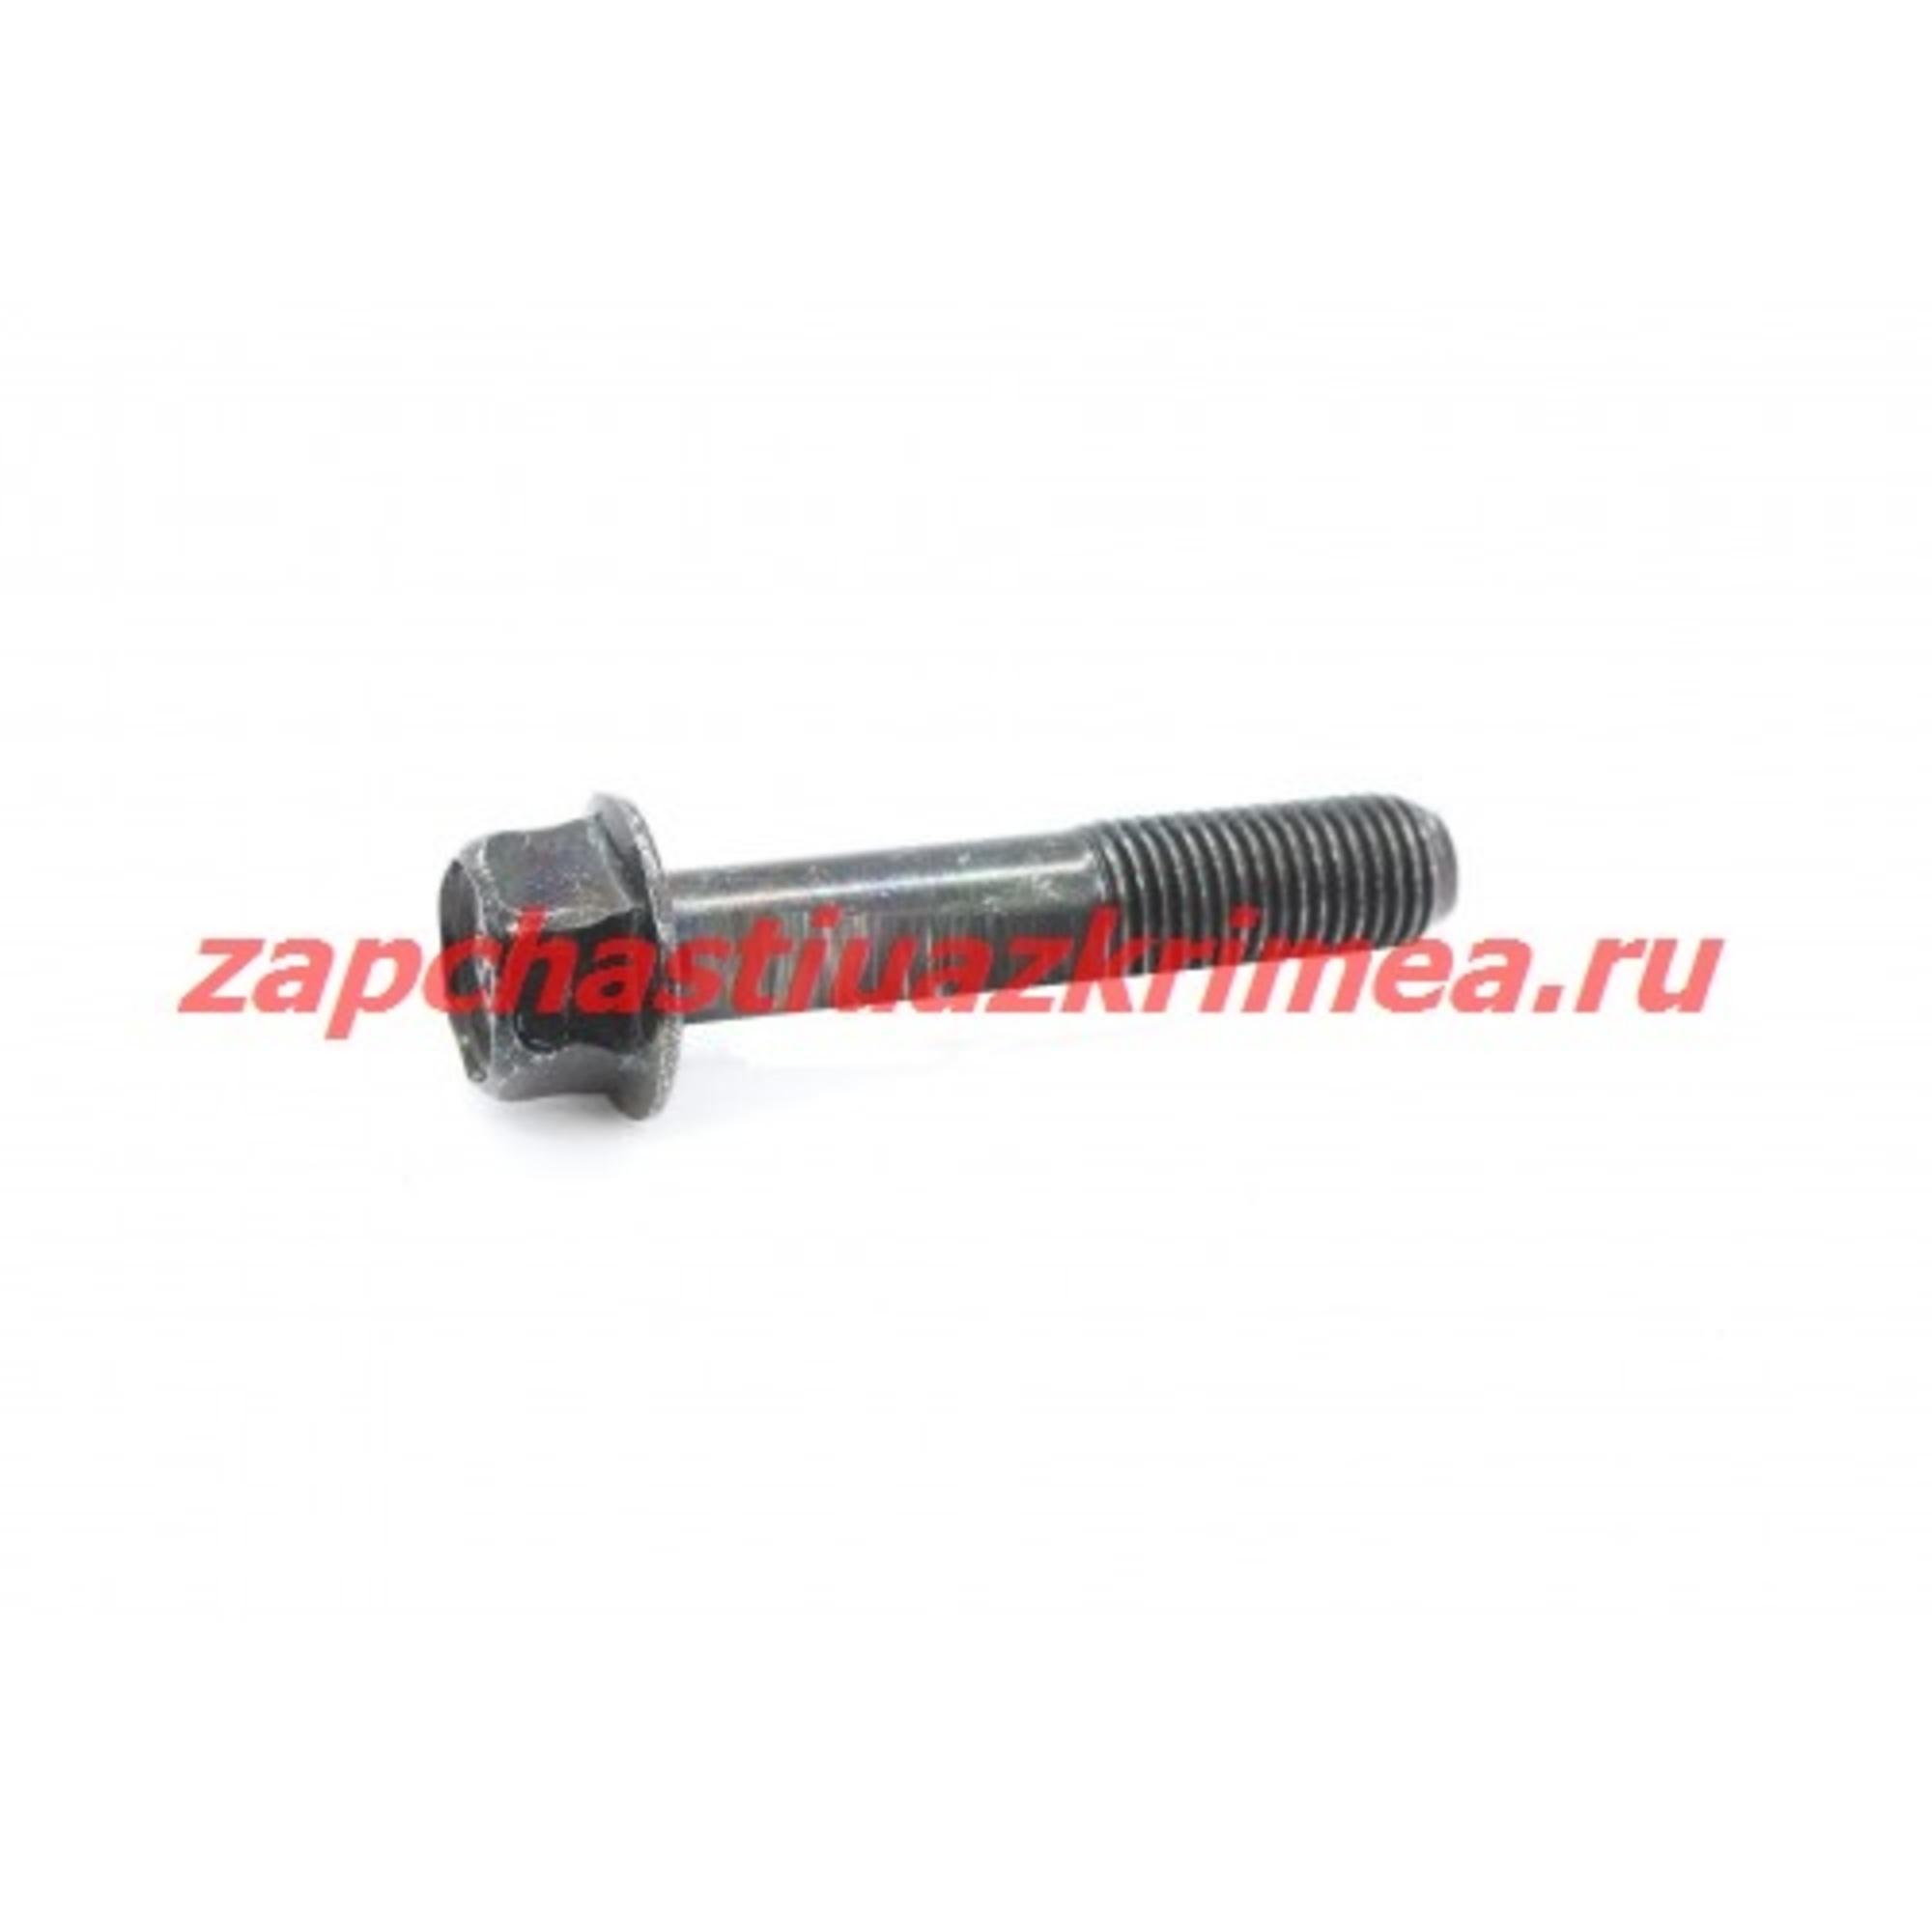 Болт фланца (задний и передний) 5-ступ КПП УАЗ DYMOS S1140410503